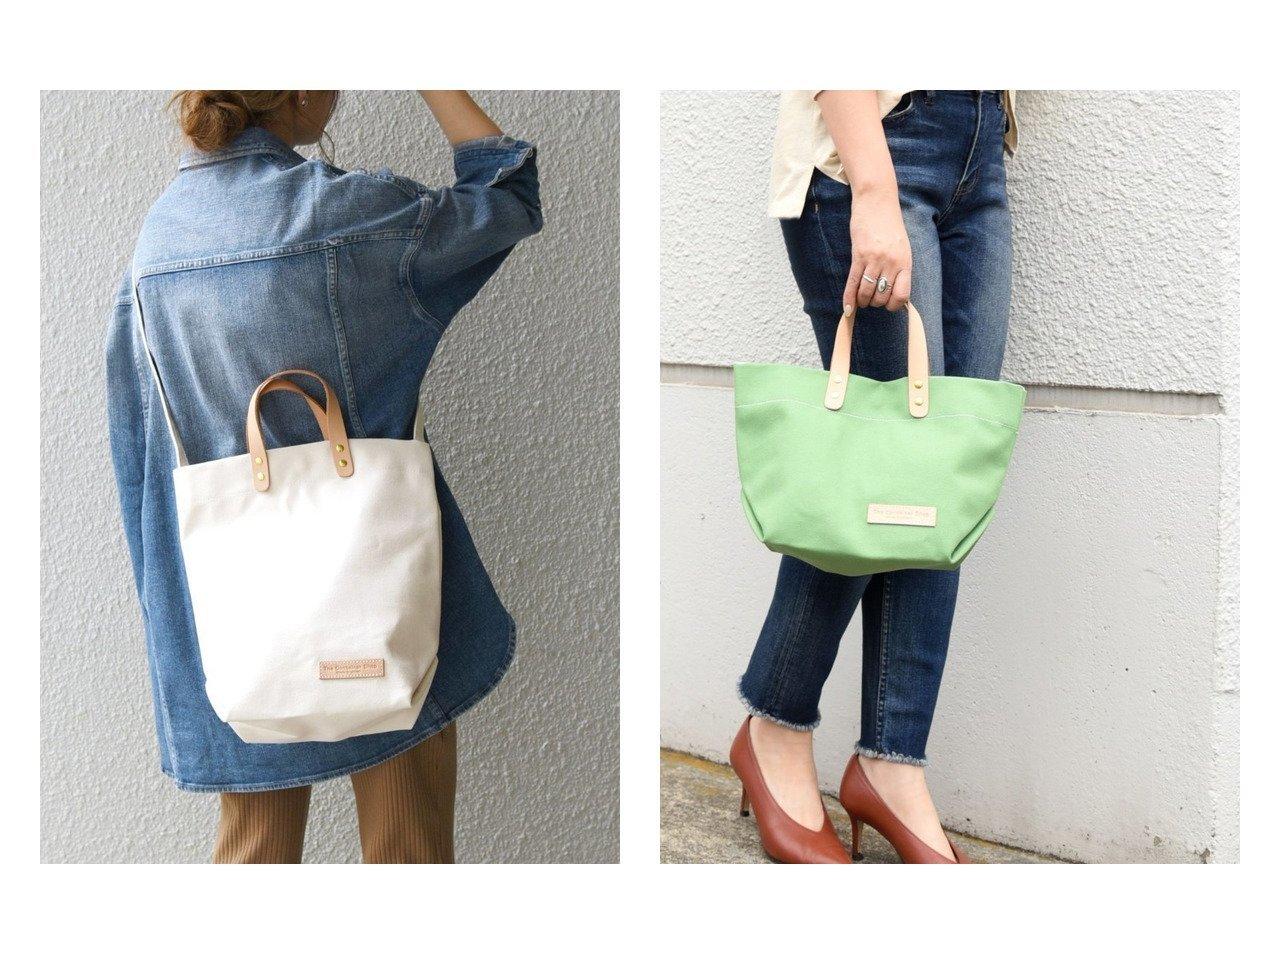 【SHIPS any/シップス エニィ】のThe Container Shop: HM トートバッグ&The Container Shop: WM トートバッグ バッグ・鞄のおすすめ!人気、トレンド・レディースファッションの通販  おすすめで人気の流行・トレンド、ファッションの通販商品 メンズファッション・キッズファッション・インテリア・家具・レディースファッション・服の通販 founy(ファニー) https://founy.com/ ファッション Fashion レディースファッション WOMEN バッグ Bag キャンバス ショルダー シンプル 定番 春 イエロー 人気 |ID:crp329100000009915